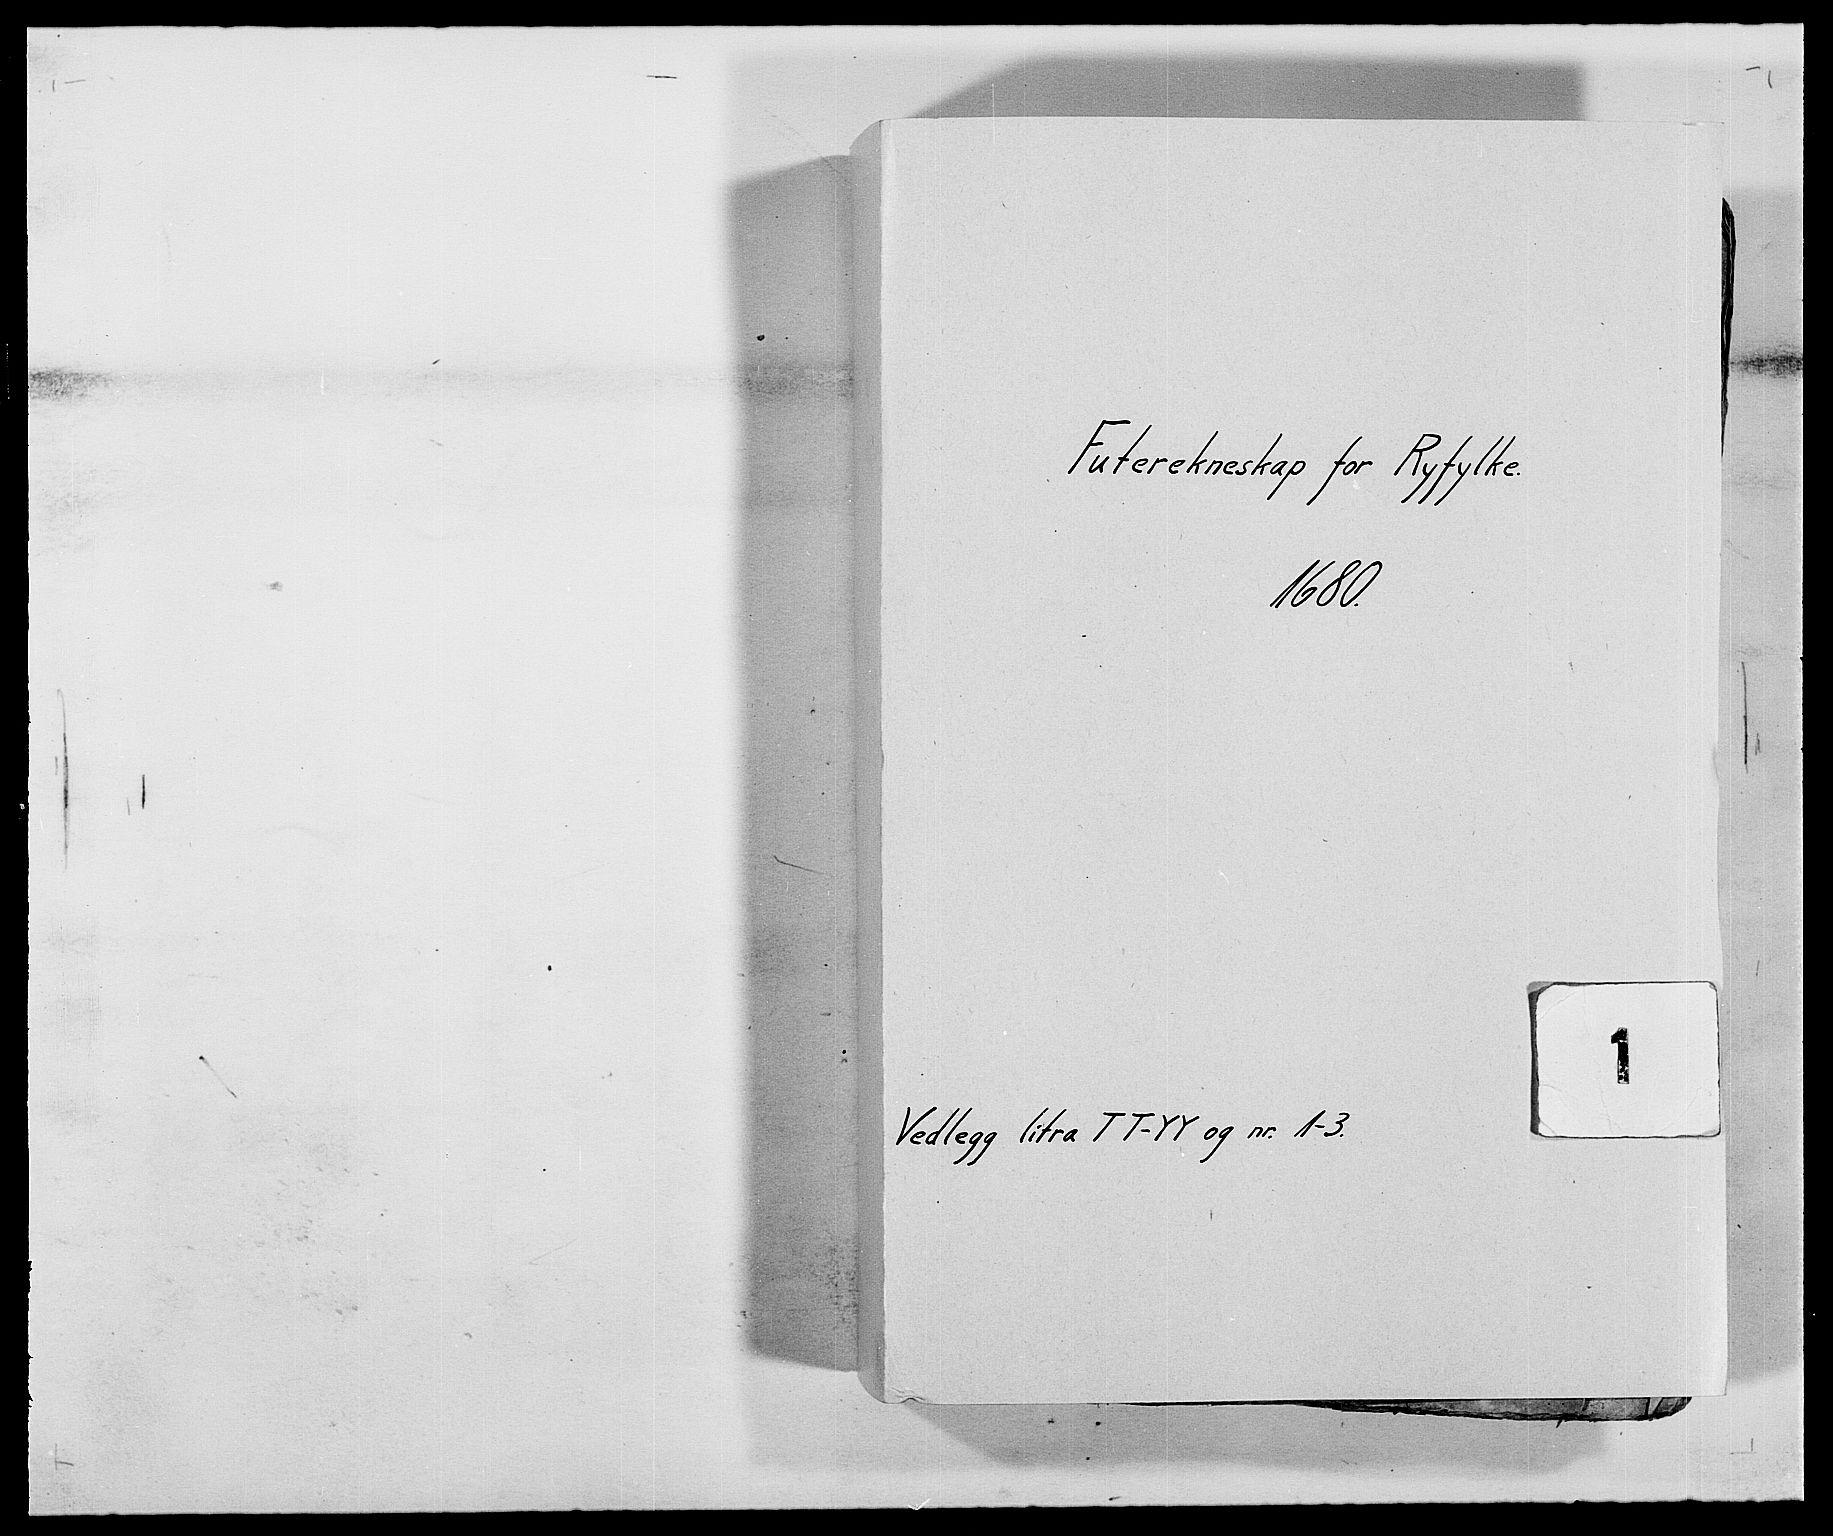 RA, Rentekammeret inntil 1814, Reviderte regnskaper, Fogderegnskap, R47/L2850: Fogderegnskap Ryfylke, 1680, s. 1